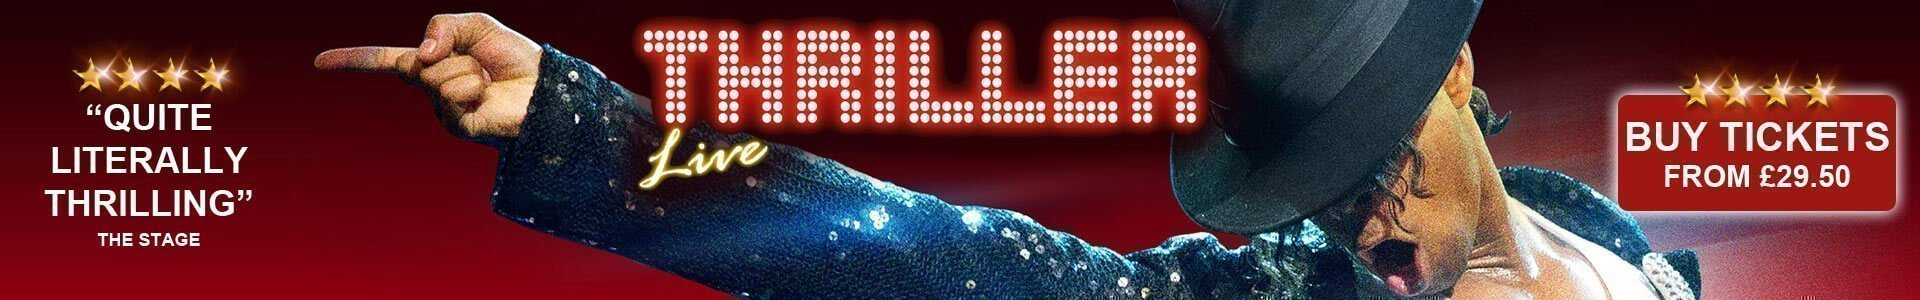 Thriller Live Tickets - London